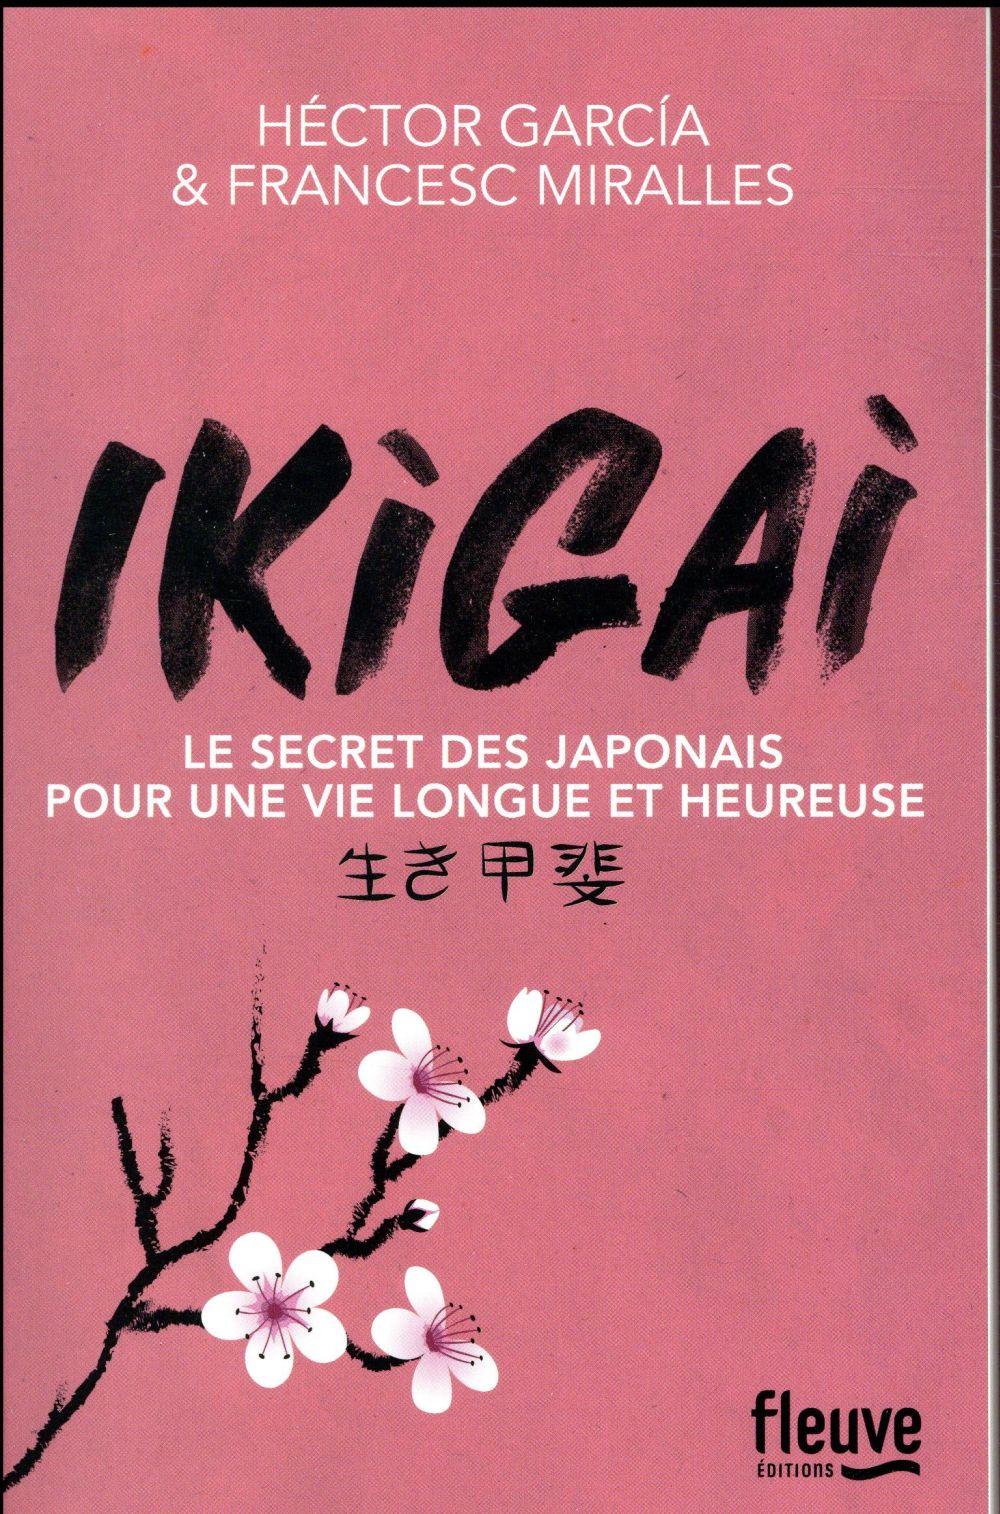 Ikigai ; le secret des japonais pour une vie longue et heureuse